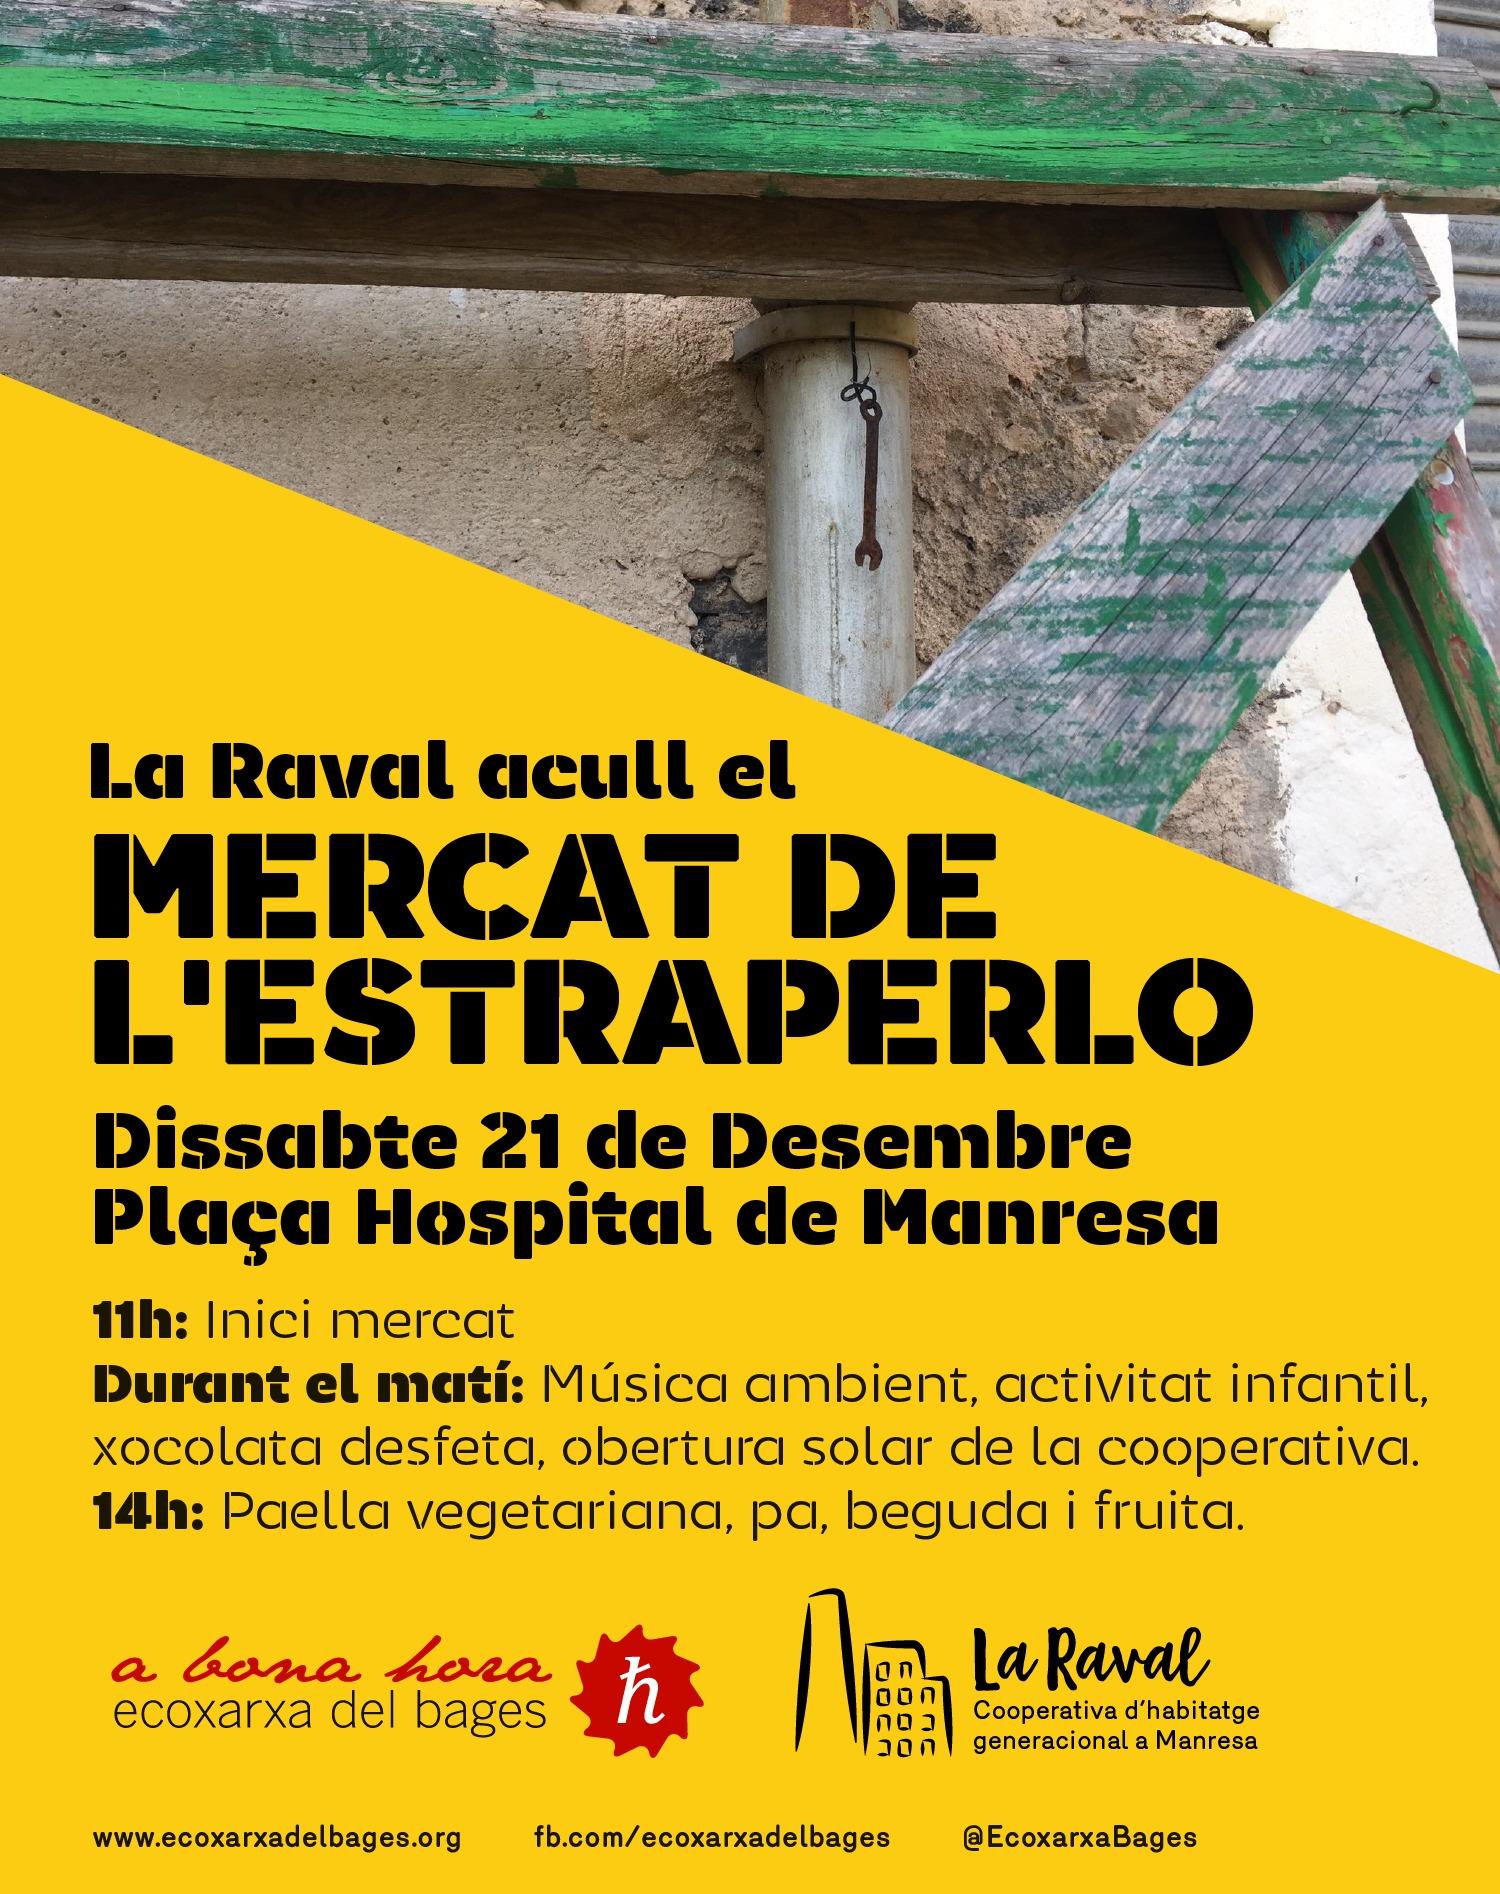 Cartell: Mercat de l'Estraperlo. Dissabte 21 de Desembre a la Plaça de l'Hospital de Manresa.